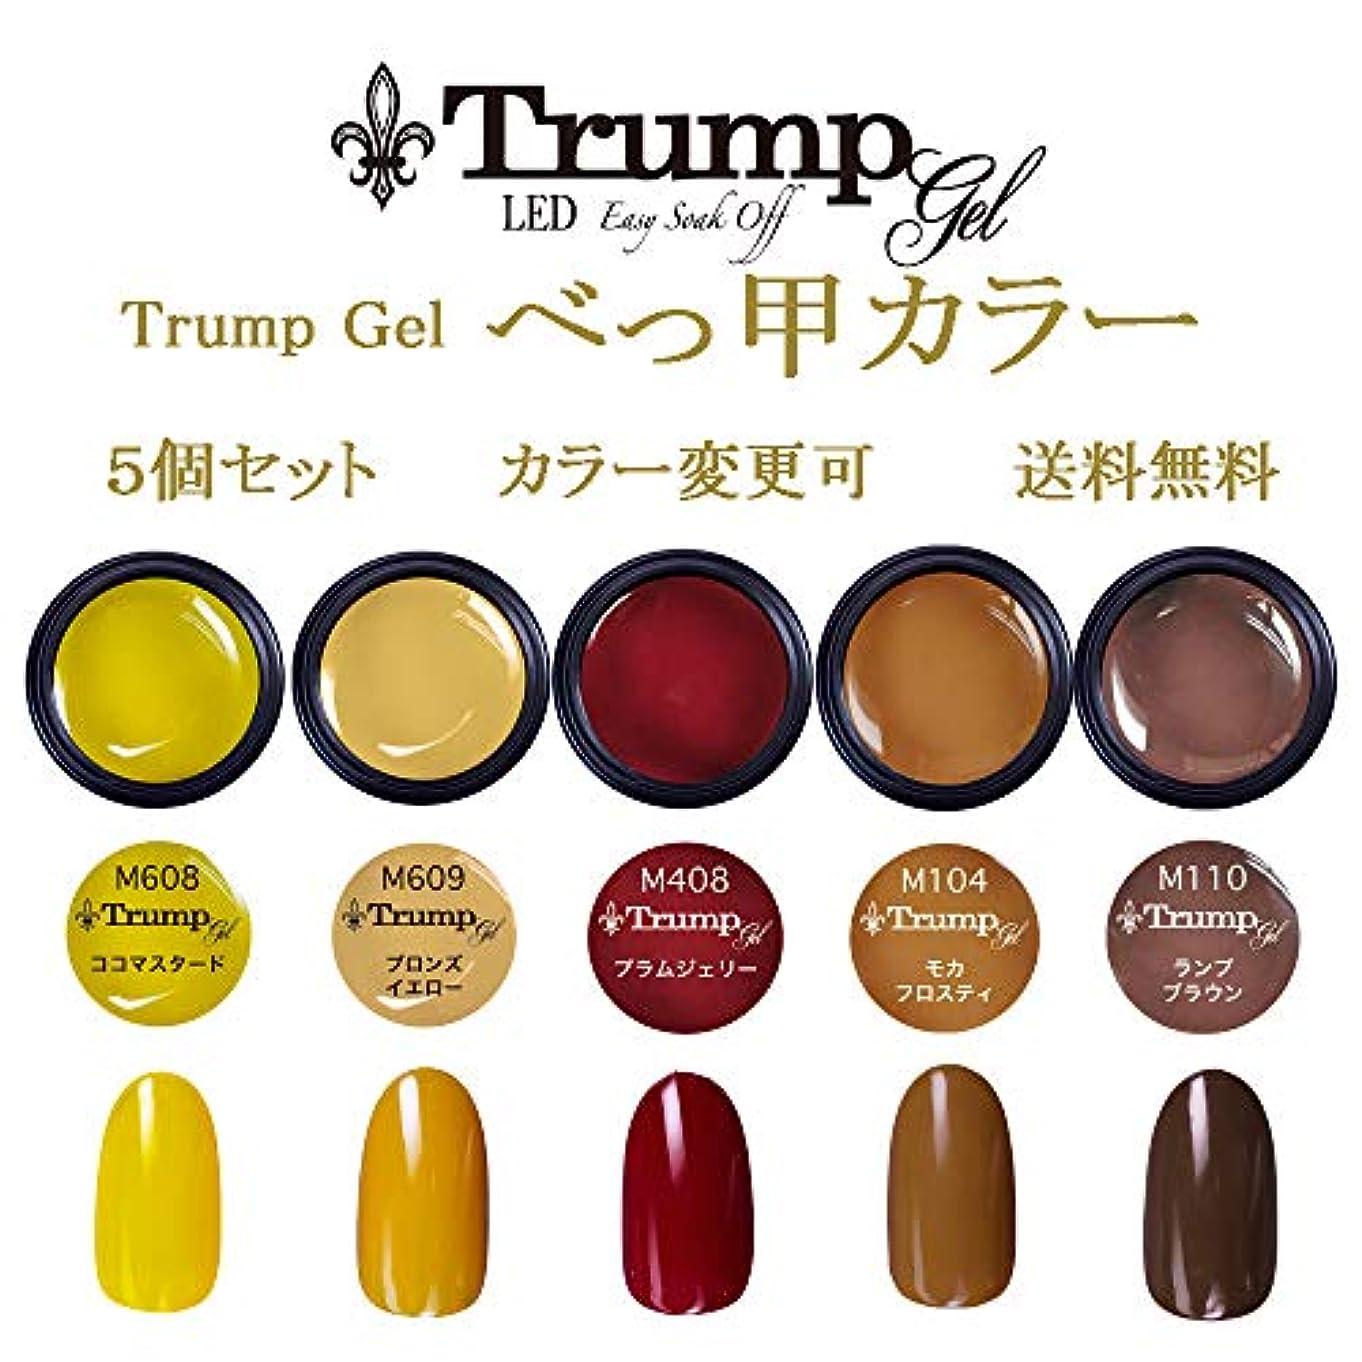 良心的賄賂引き付ける日本製 Trump gel トランプジェル べっ甲 ネイルカラー 選べる カラージェル 5個セット イエロー ブラウン ワイン べっこう